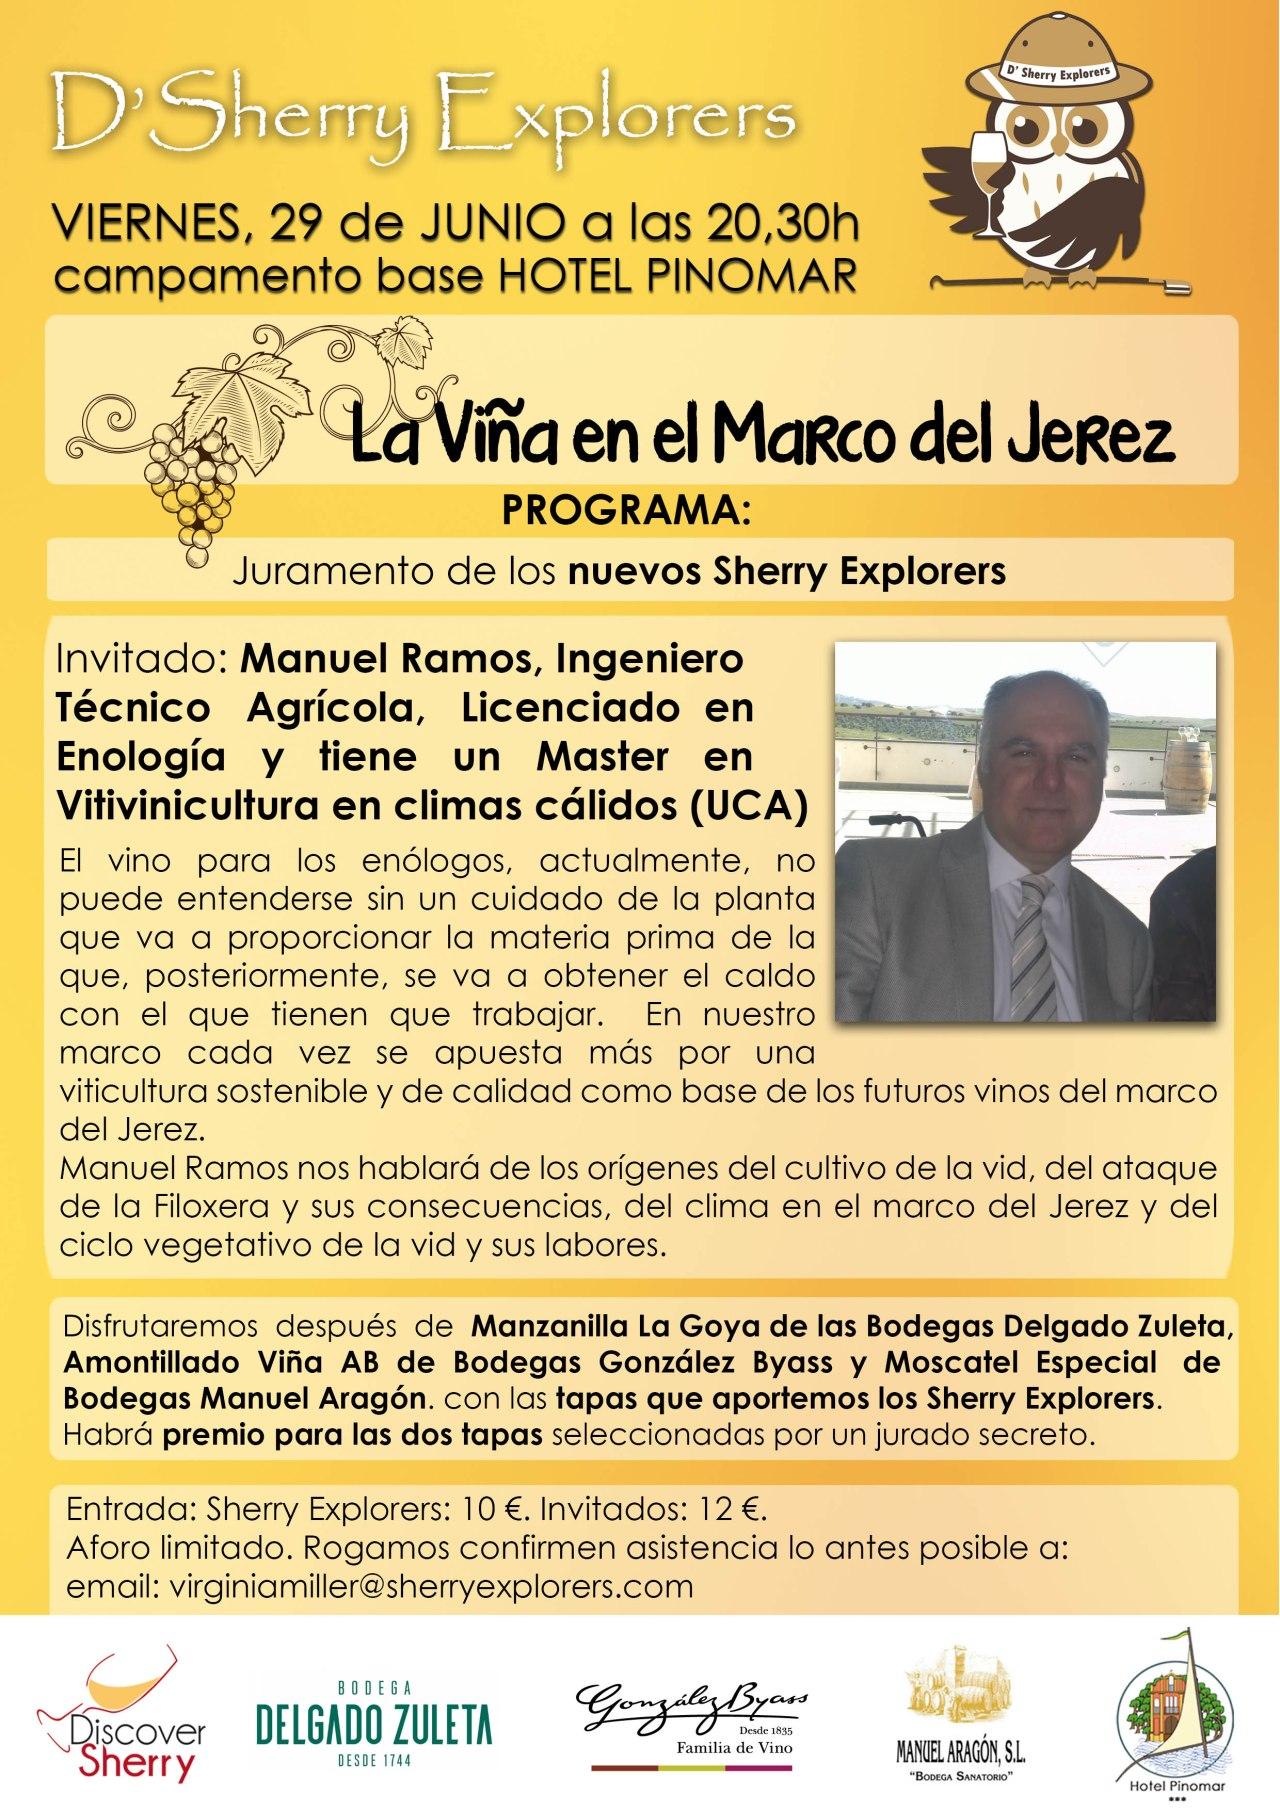 próxima reunión de los Sherry Explorers: La Viña en el Marco del Jerez(Spanish)